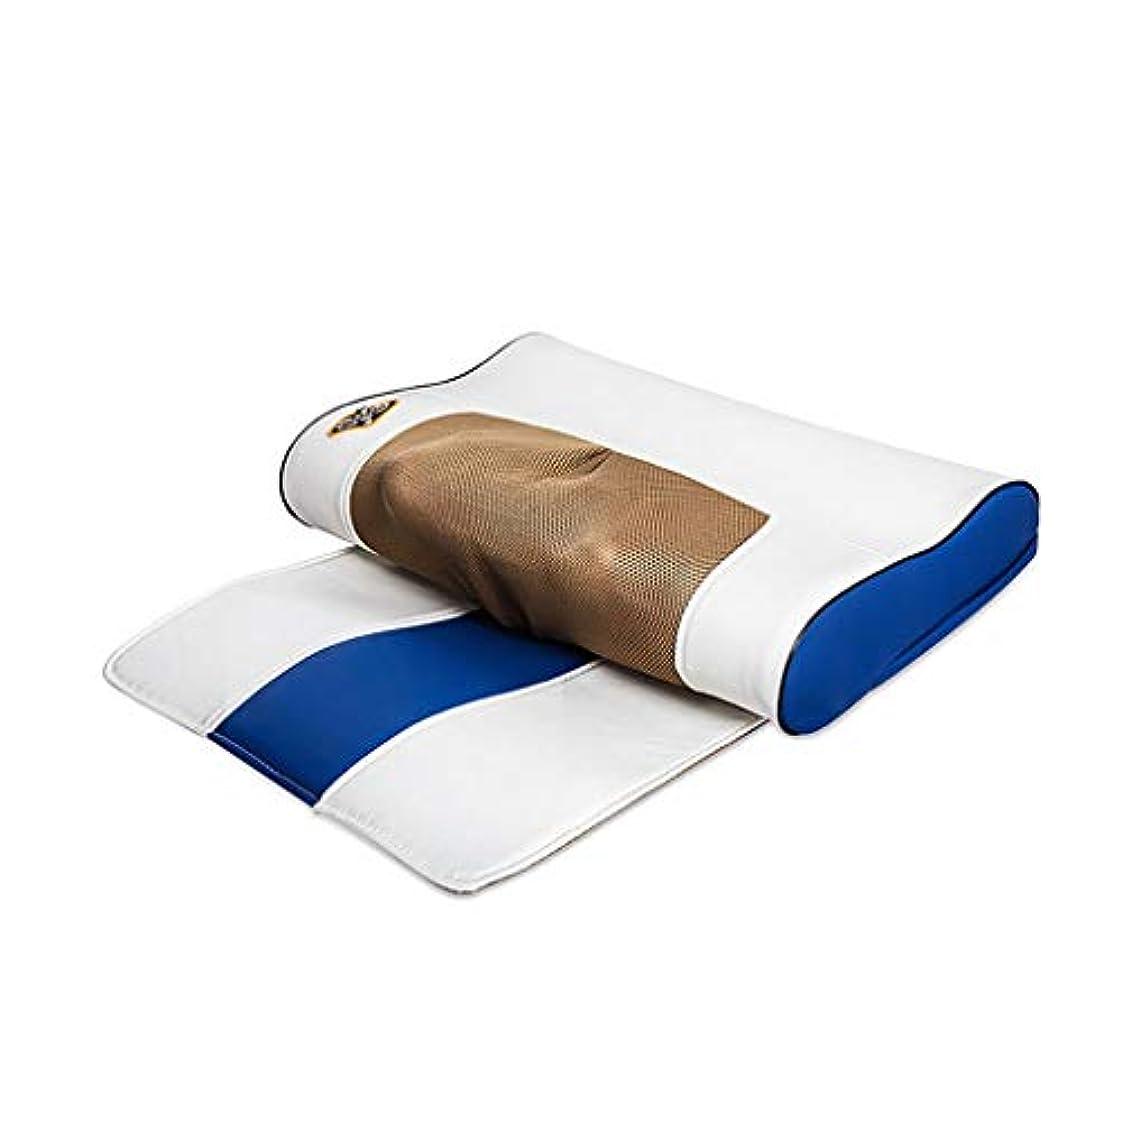 雨ブラウン影響力のあるマッサージャー、ホーム多機能頸部マッサージ、ウエストバックハンド、ショルダー、ショルダー、頚部マッサージ枕、多機能電動混練マッサージクッション